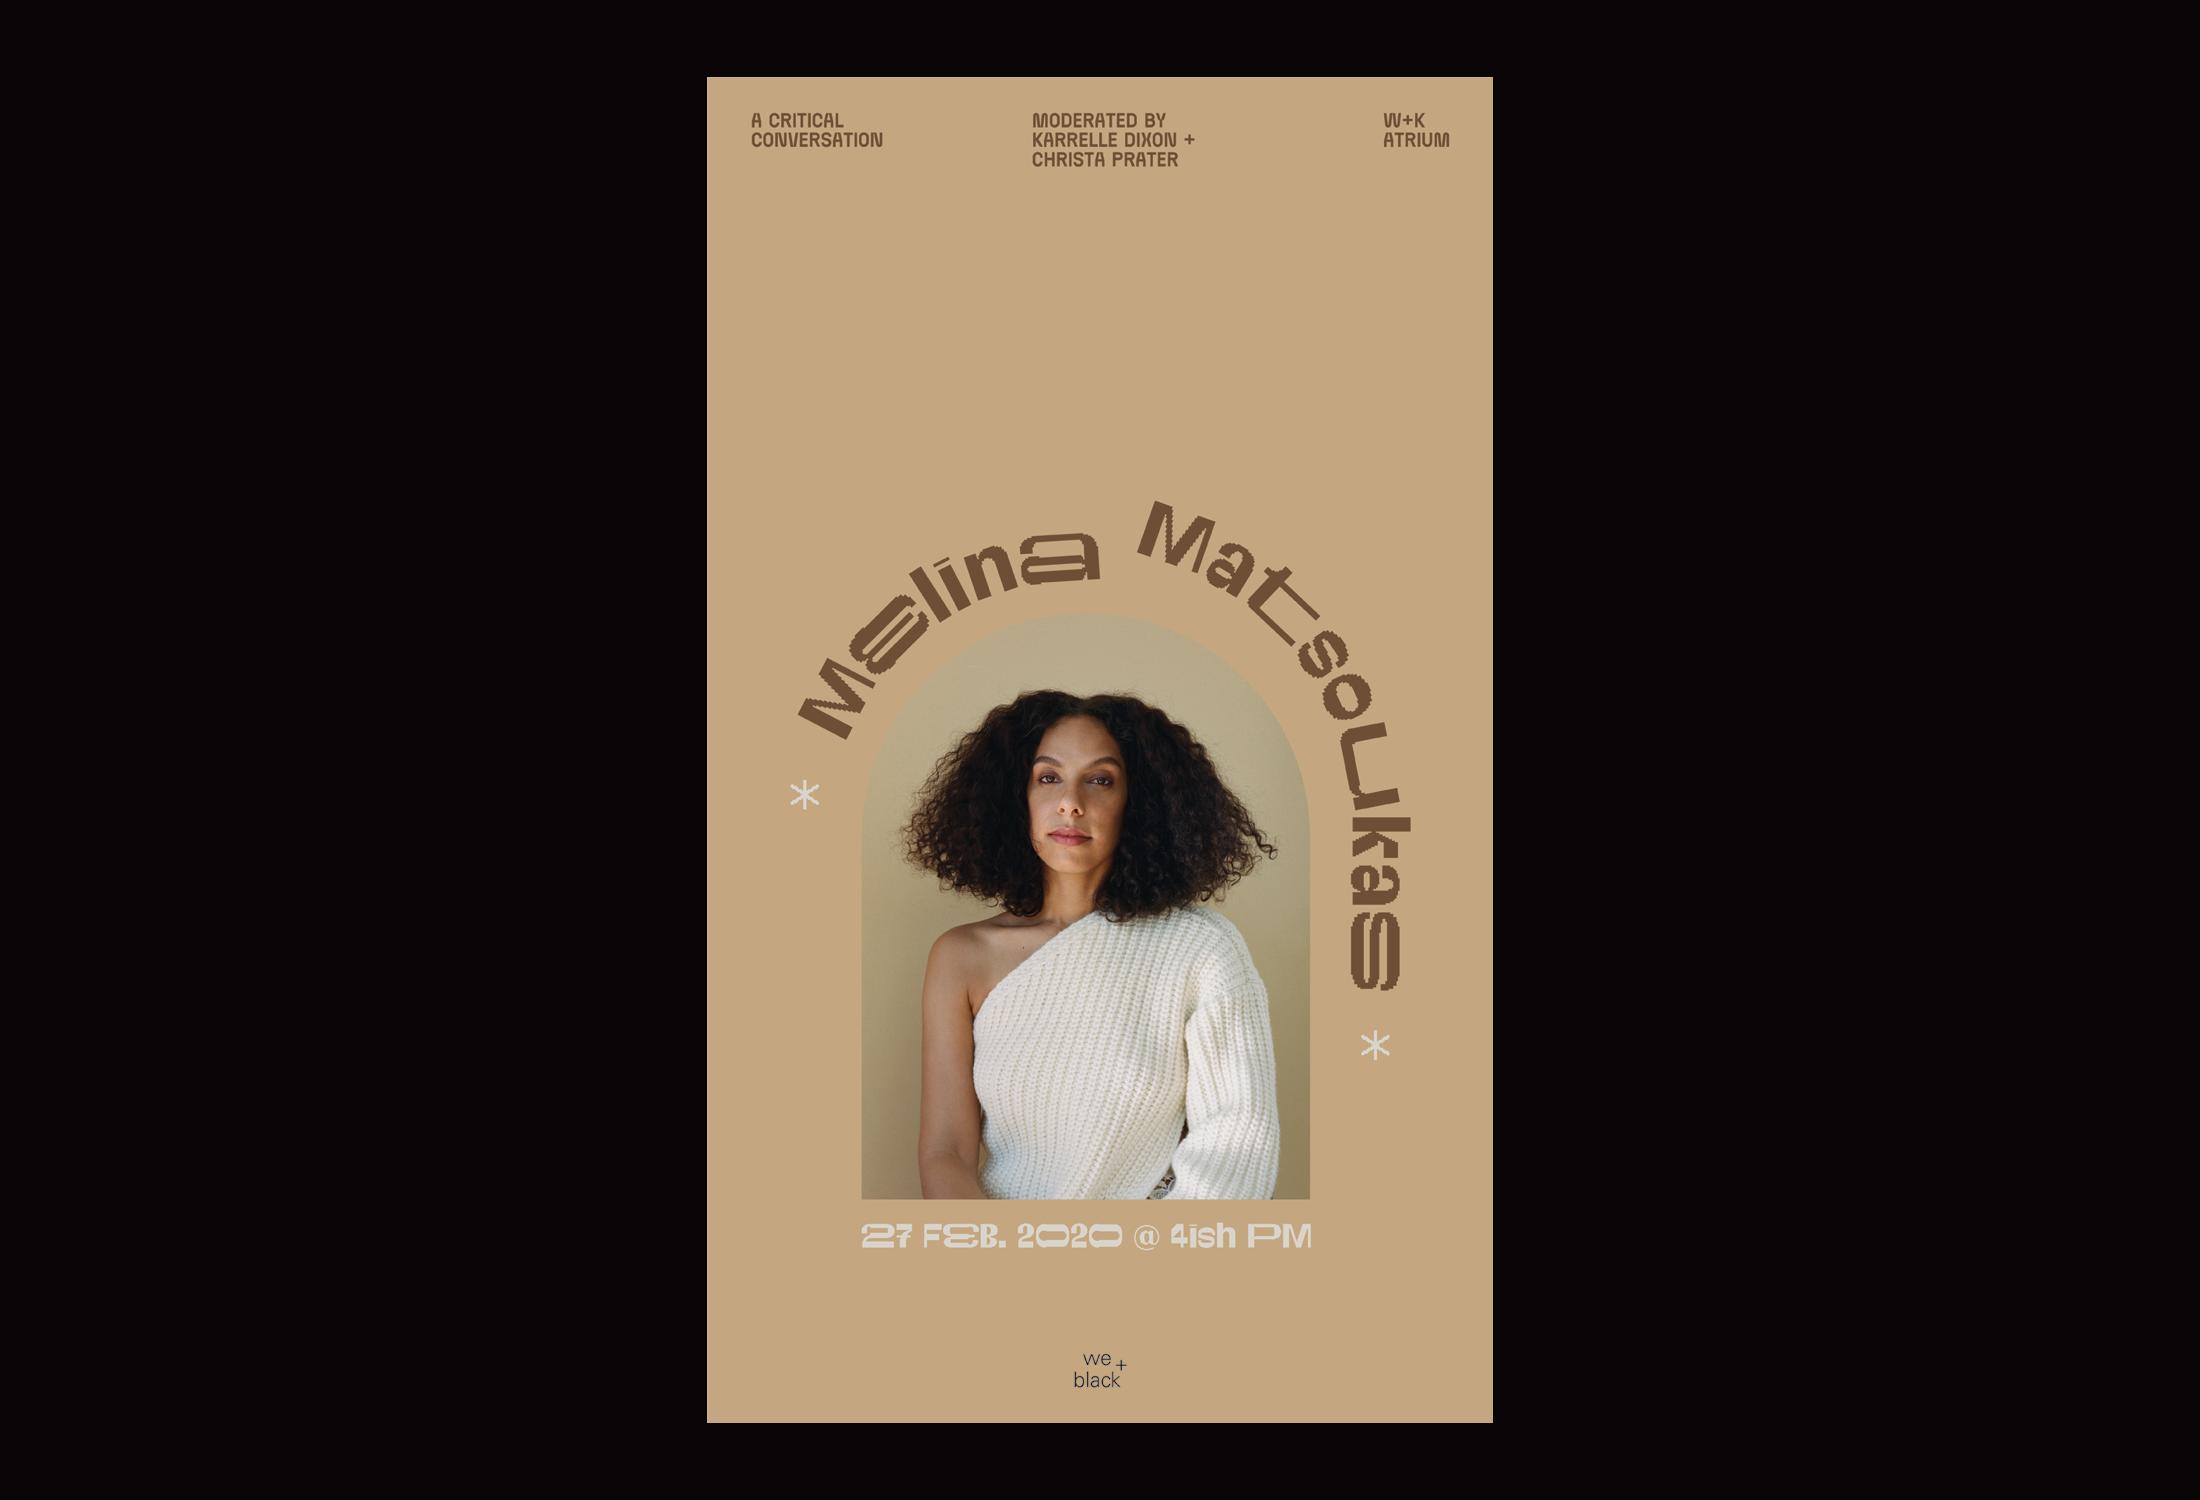 Poster_MelinaMatsoukas